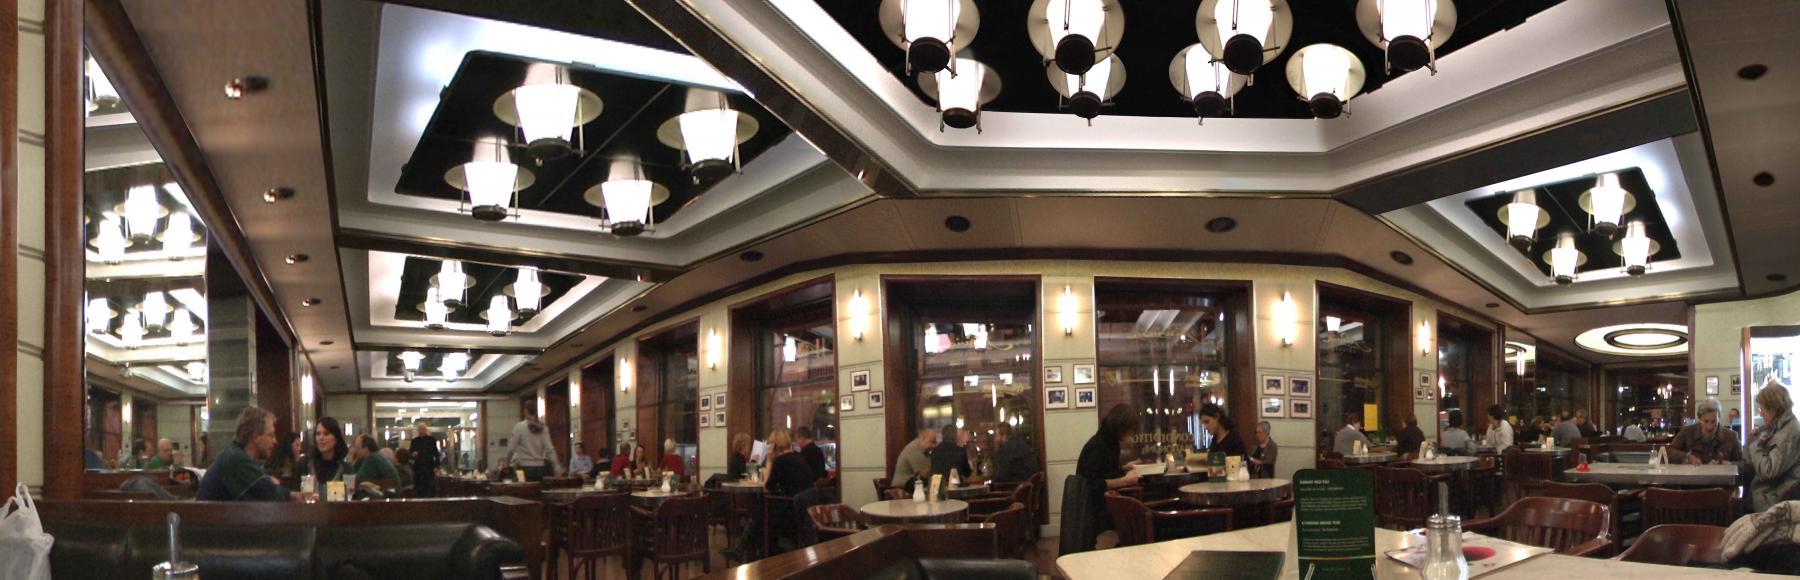 Slavia Café (2010) - Miriam Durango